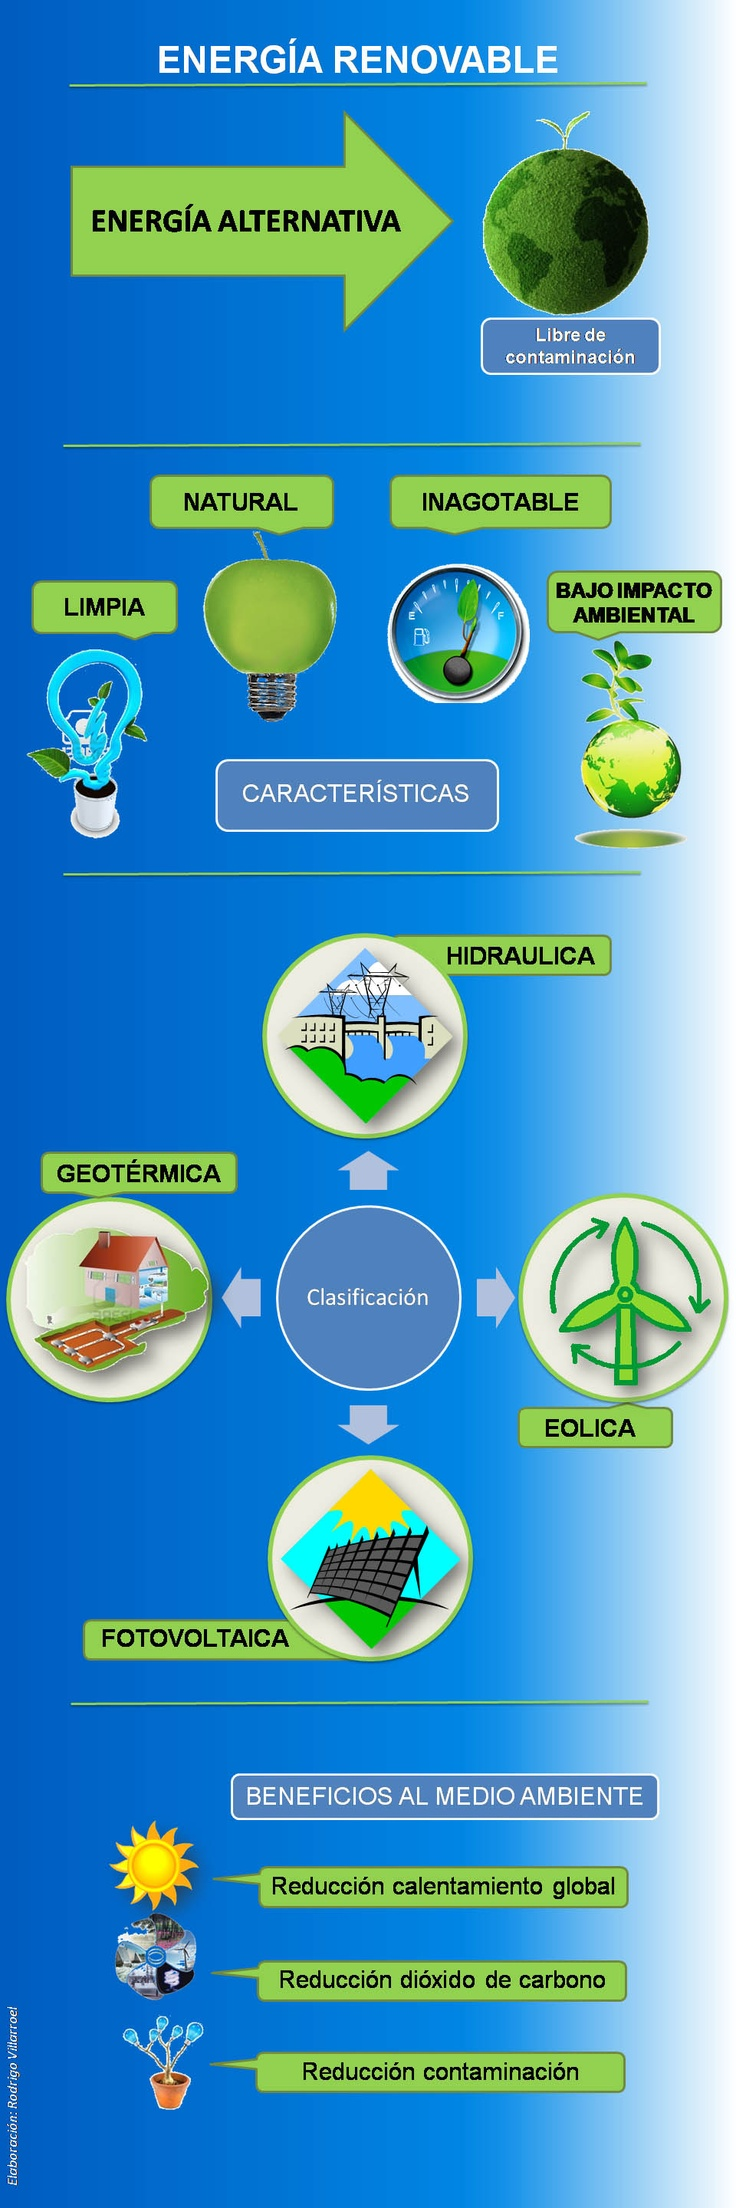 Clasificación de los recursos naturales renovables (Biomasa, Eólica, hidráulica, etc) con las características particulares, la importancia y el impacto medioambiental directo de cada uno.